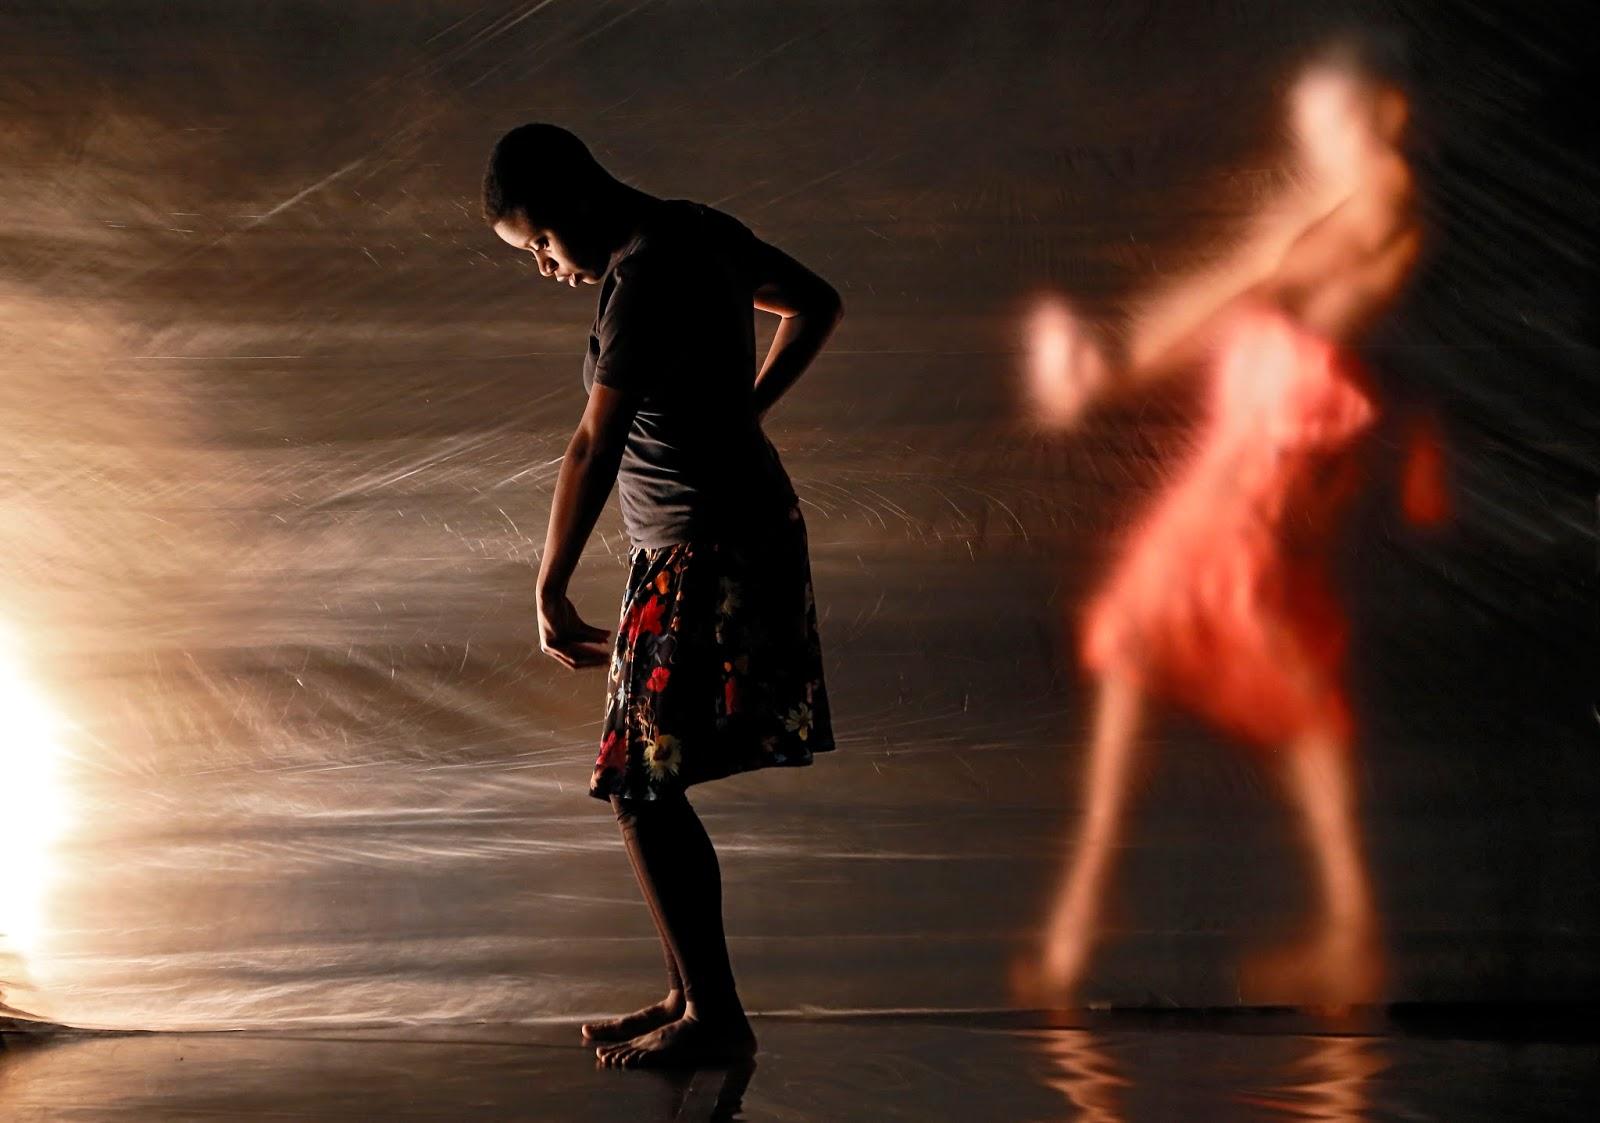 Infinitebody shadow dancing okwui okpokwasili at new york live arts shadow dancing okwui okpokwasili at new york live arts publicscrutiny Images